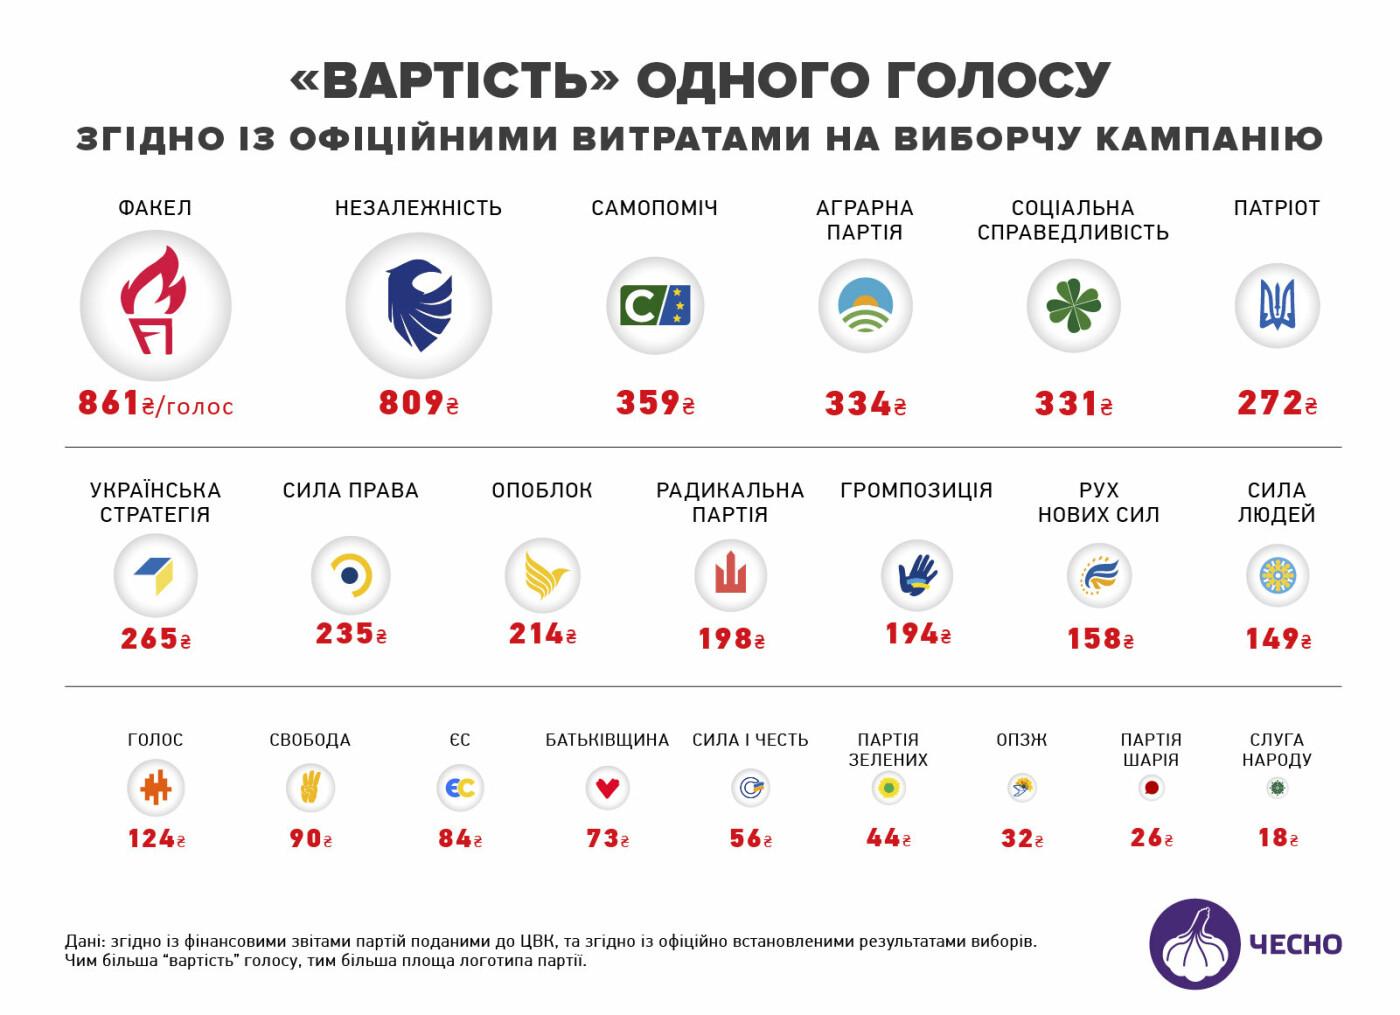 Вартість мандата: яким партіям нардепи обійшлися найдорожче?, фото-2